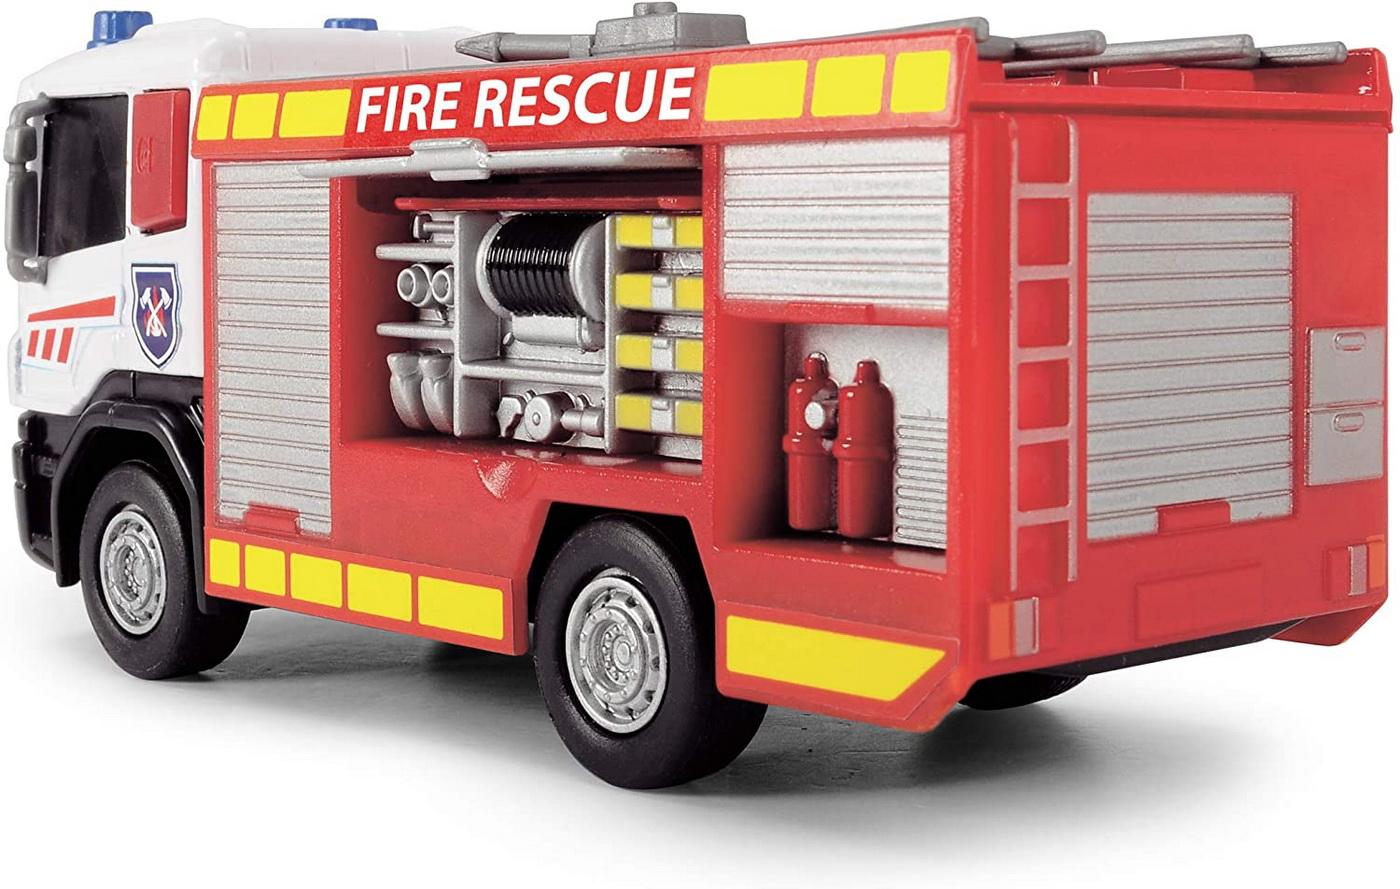 Masinuta - Scania Fire Rescue, cu scara   Dickie Toys - 2